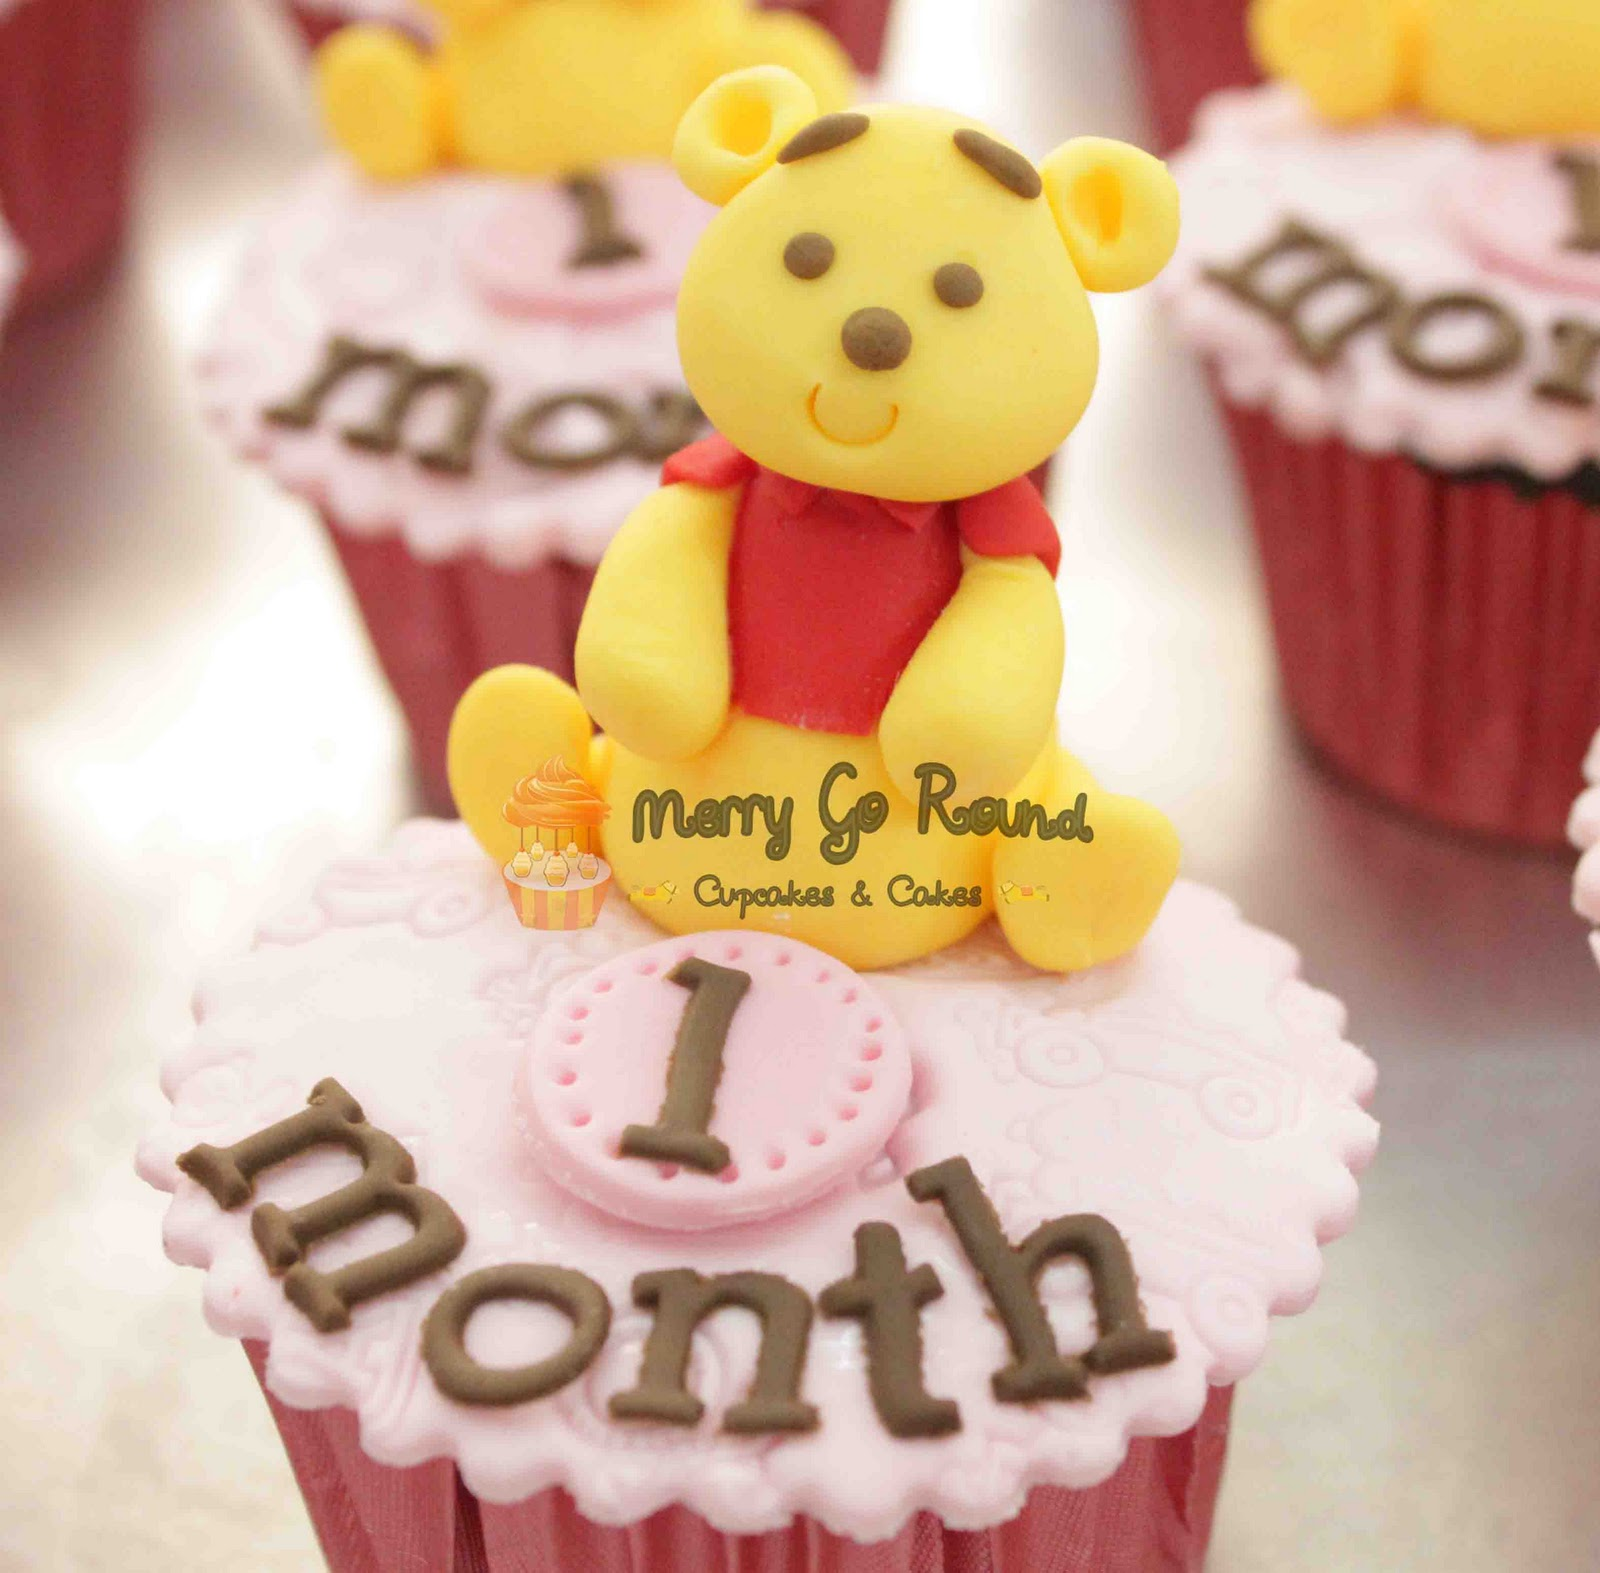 Merry Go Round Cupcakes Cakes